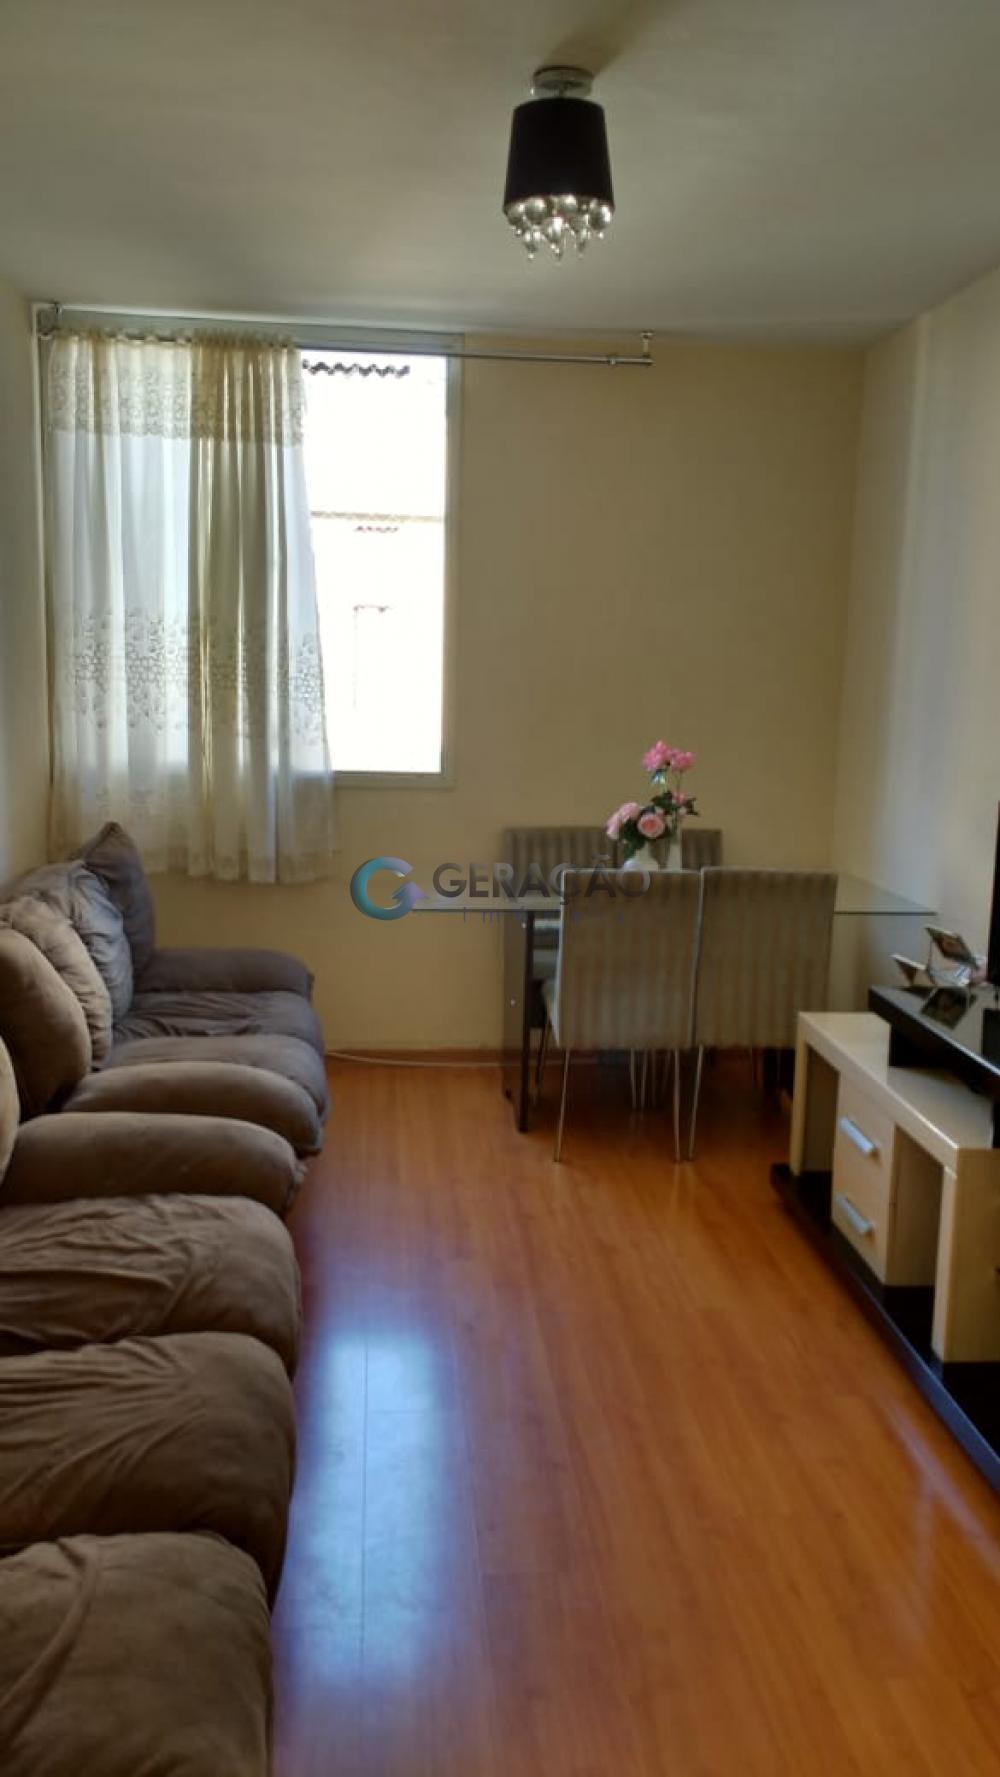 Comprar Apartamento / Padrão em São José dos Campos apenas R$ 220.000,00 - Foto 14